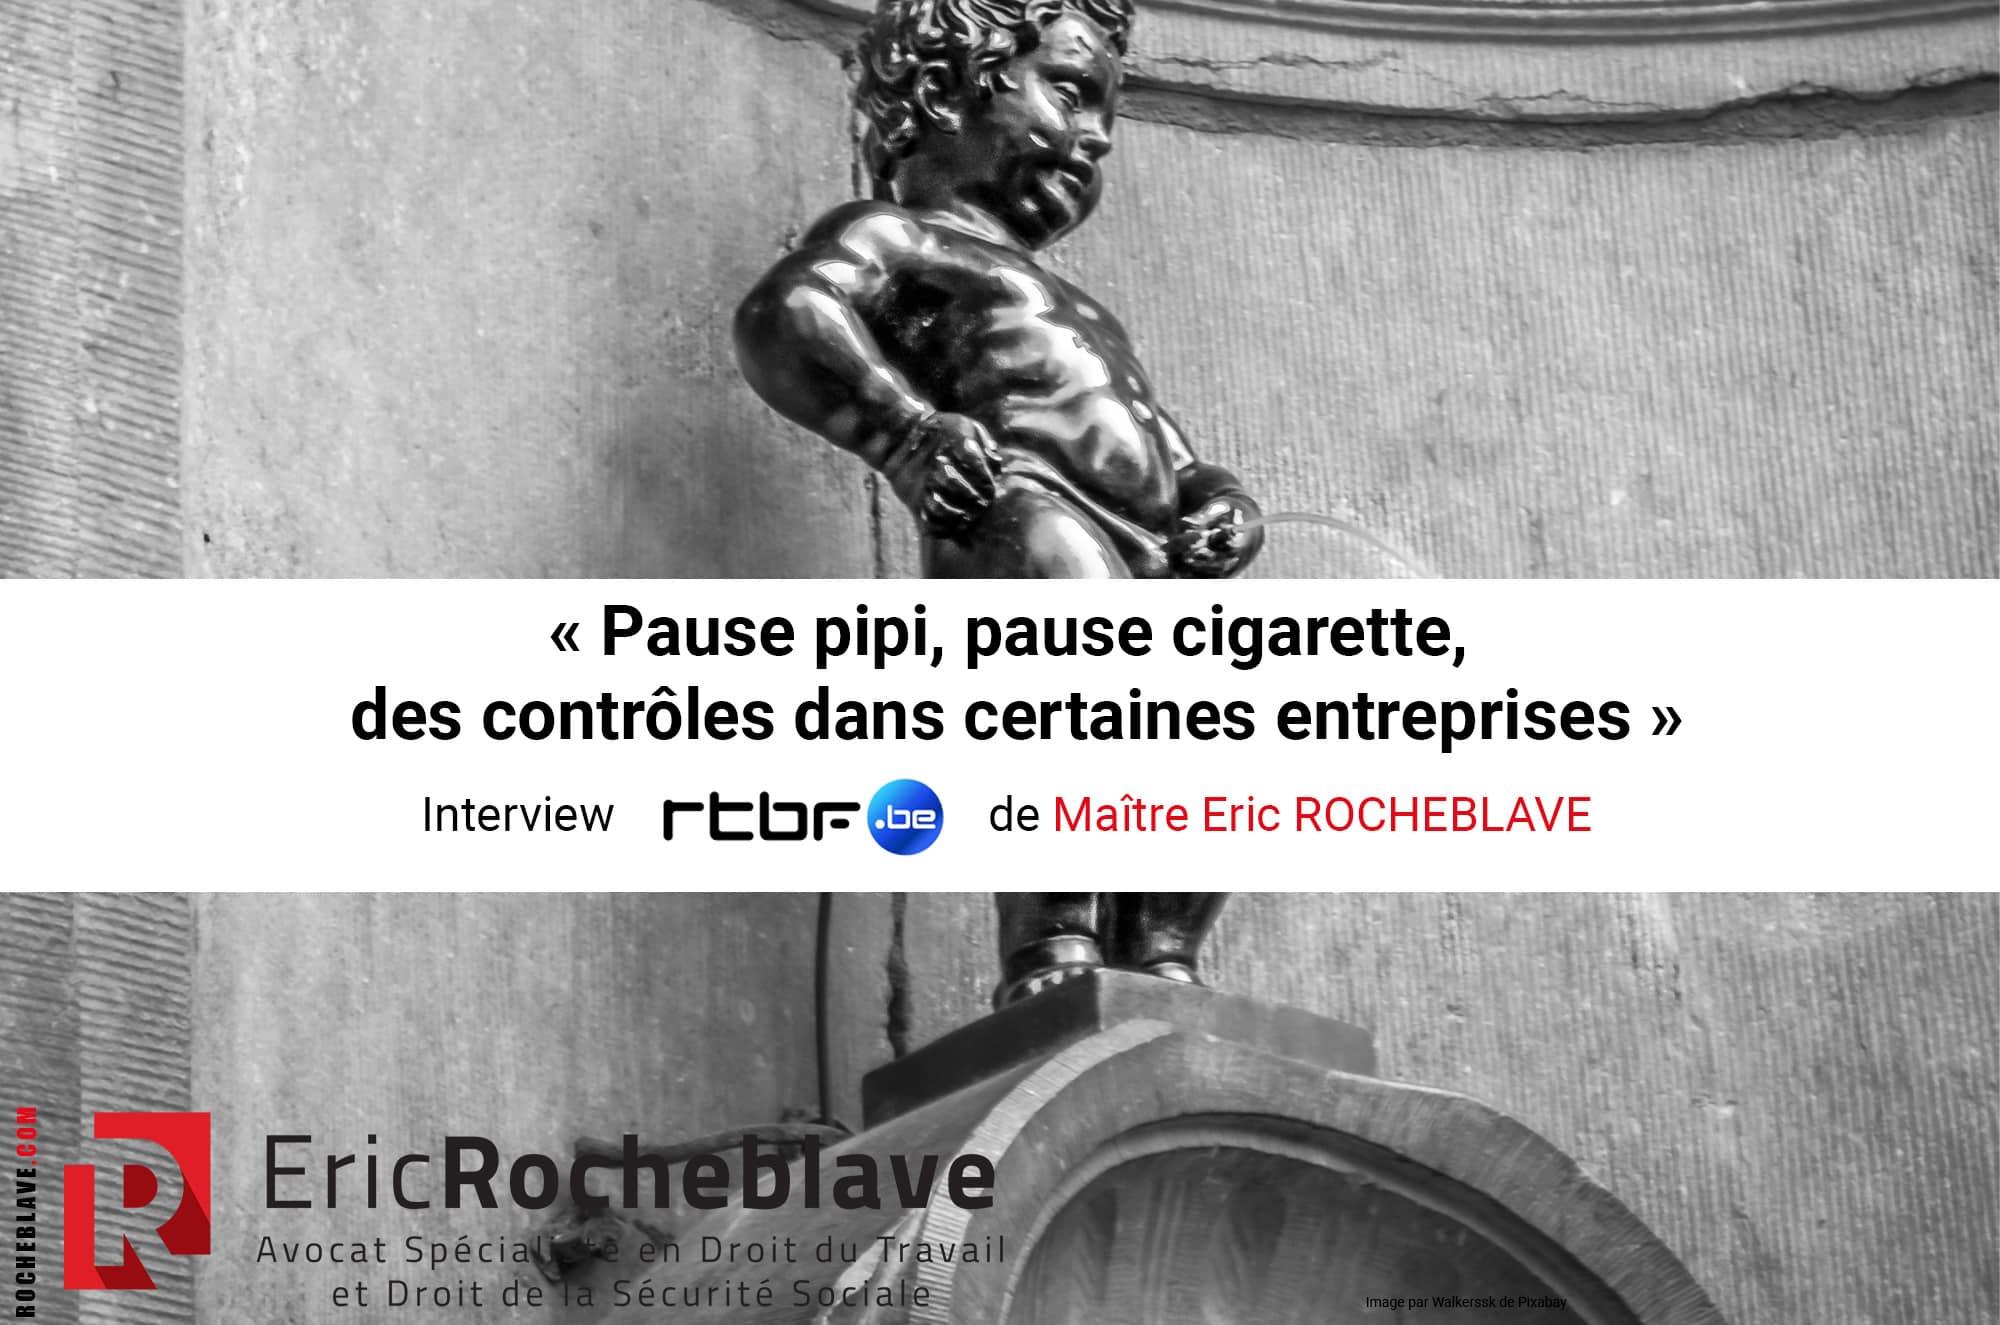 « Pause pipi, pause cigarette, des contrôles dans certaines entreprises » Interview rtbf de Maître Eric ROCHEBLAVE